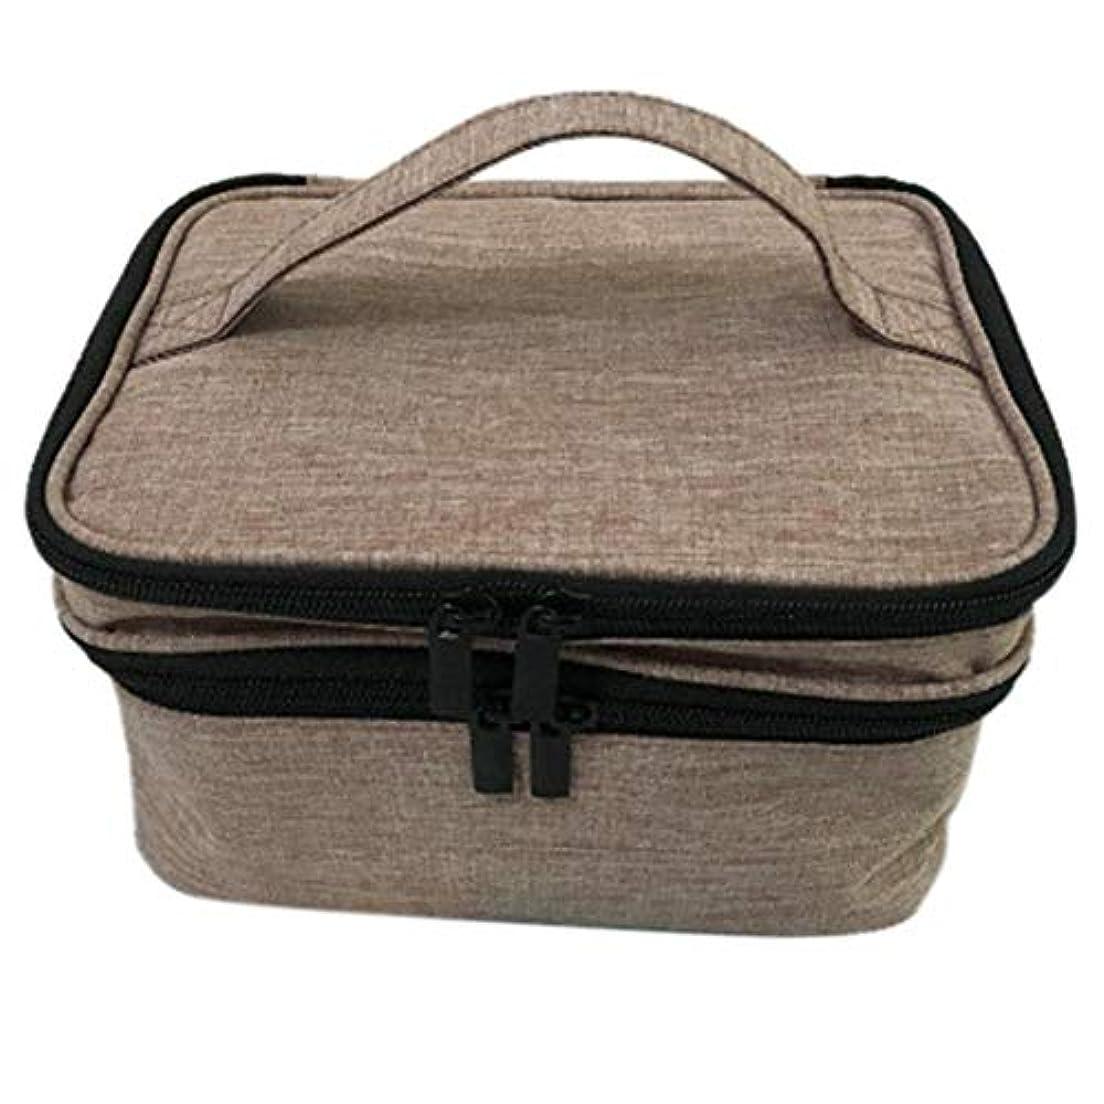 タイプライター壁紙上昇収納バッグ 30格 仕切り エッセンシャルオイル 精油 保管袋 収納ボックス 収納ケース 精油ケース 香水収納バッグ 不織布 携帯便利 耐震 30本用 (5ml~30ml)